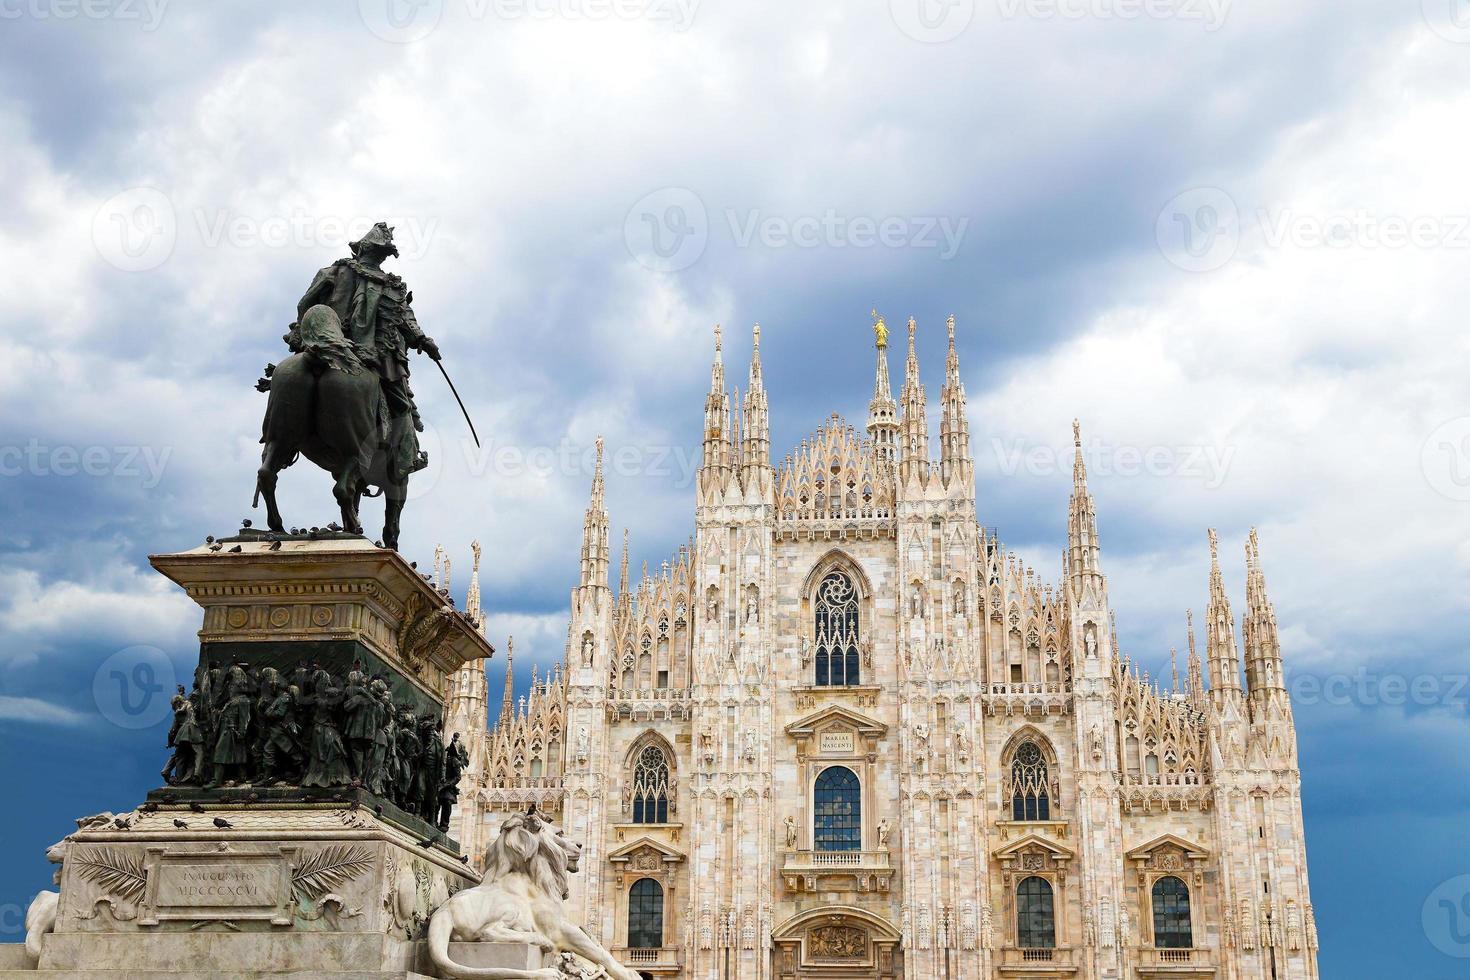 cupola della cattedrale di milano con la statua di vittorio emanuele ii foto